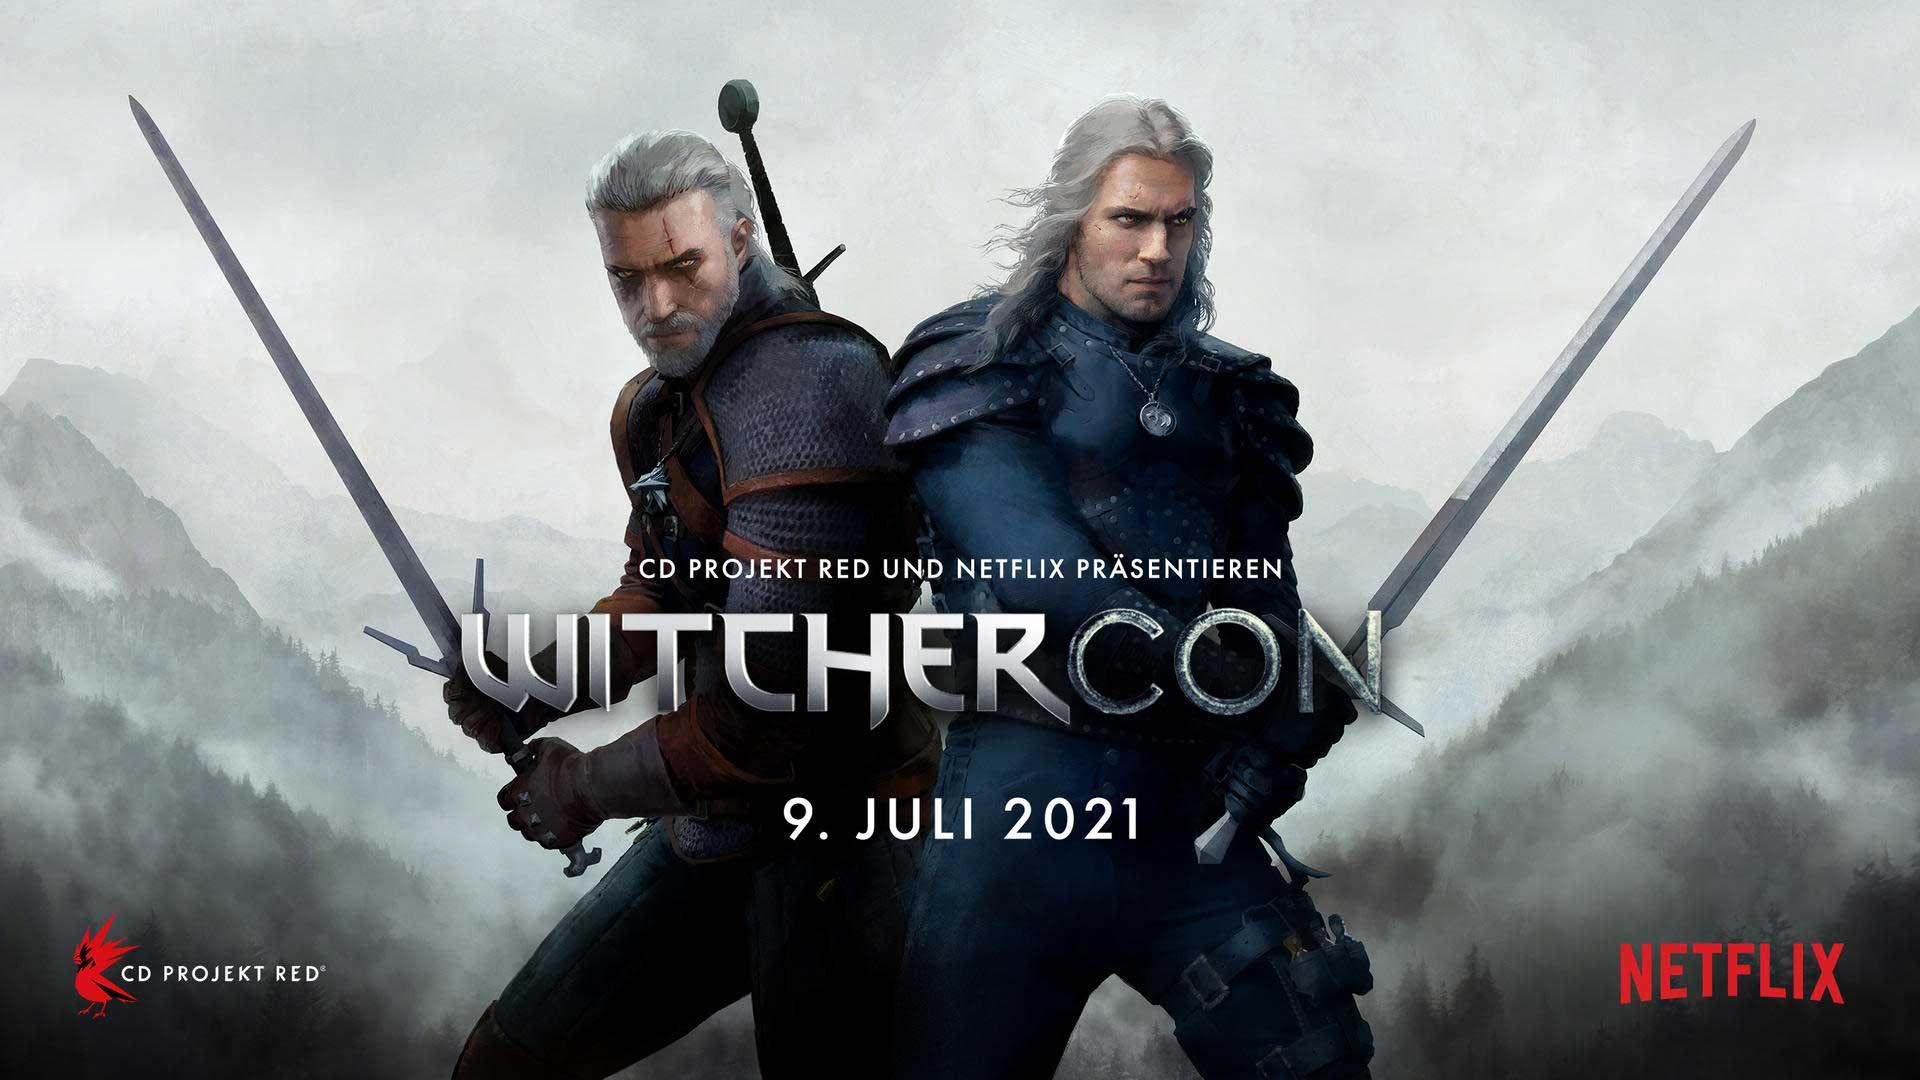 witchercon juli 2021